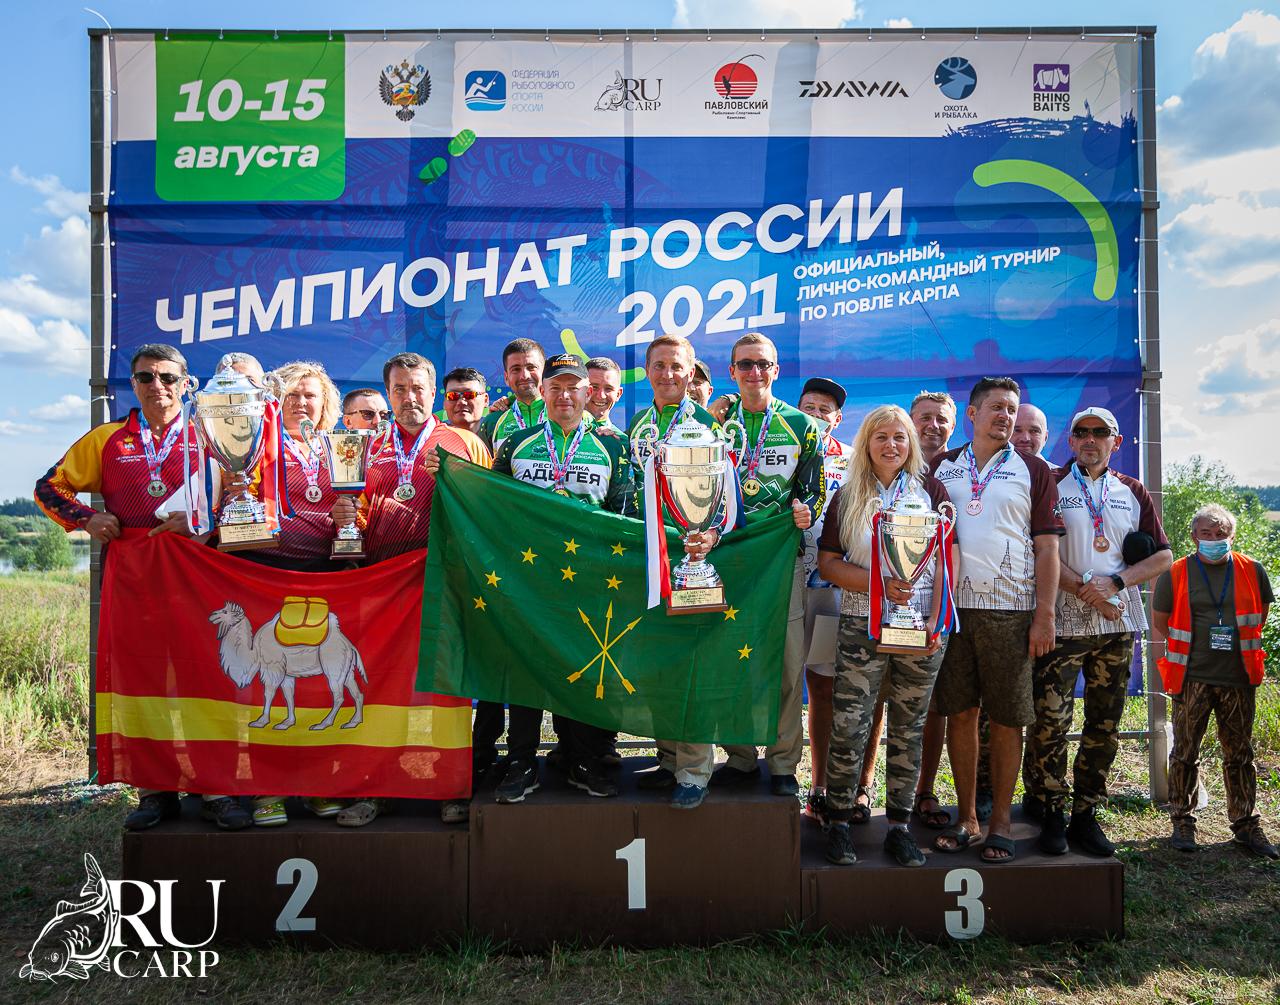 Чемпионат России по ловле карпа 2021